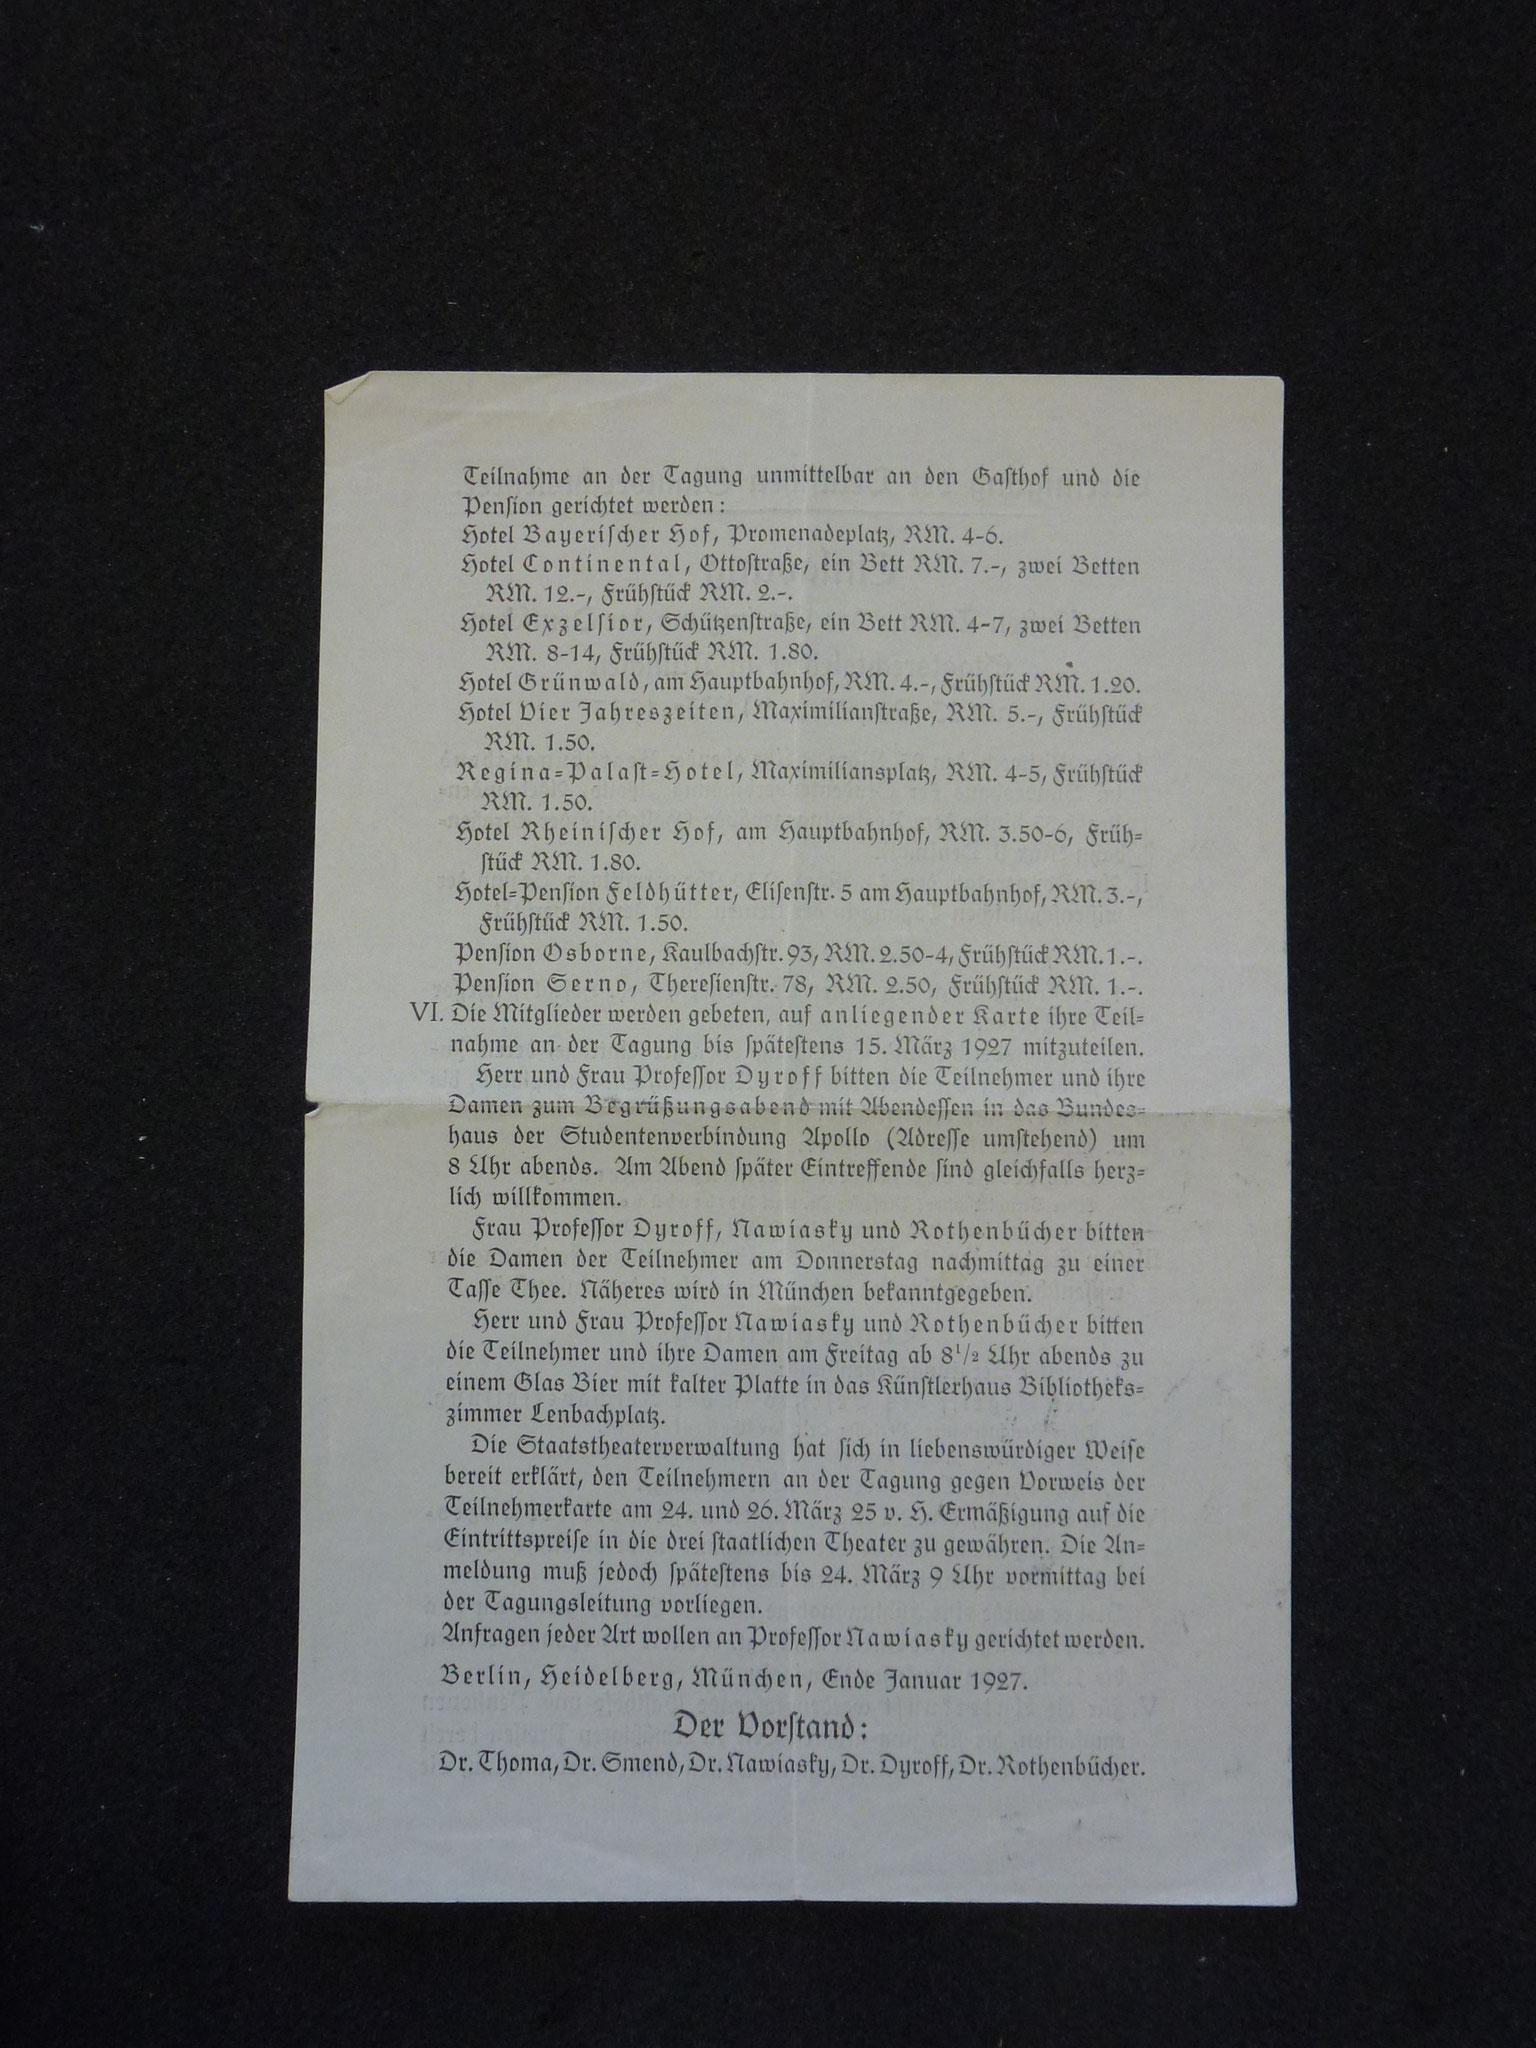 Einladung zur 5.Tagung in München 1927 / 2